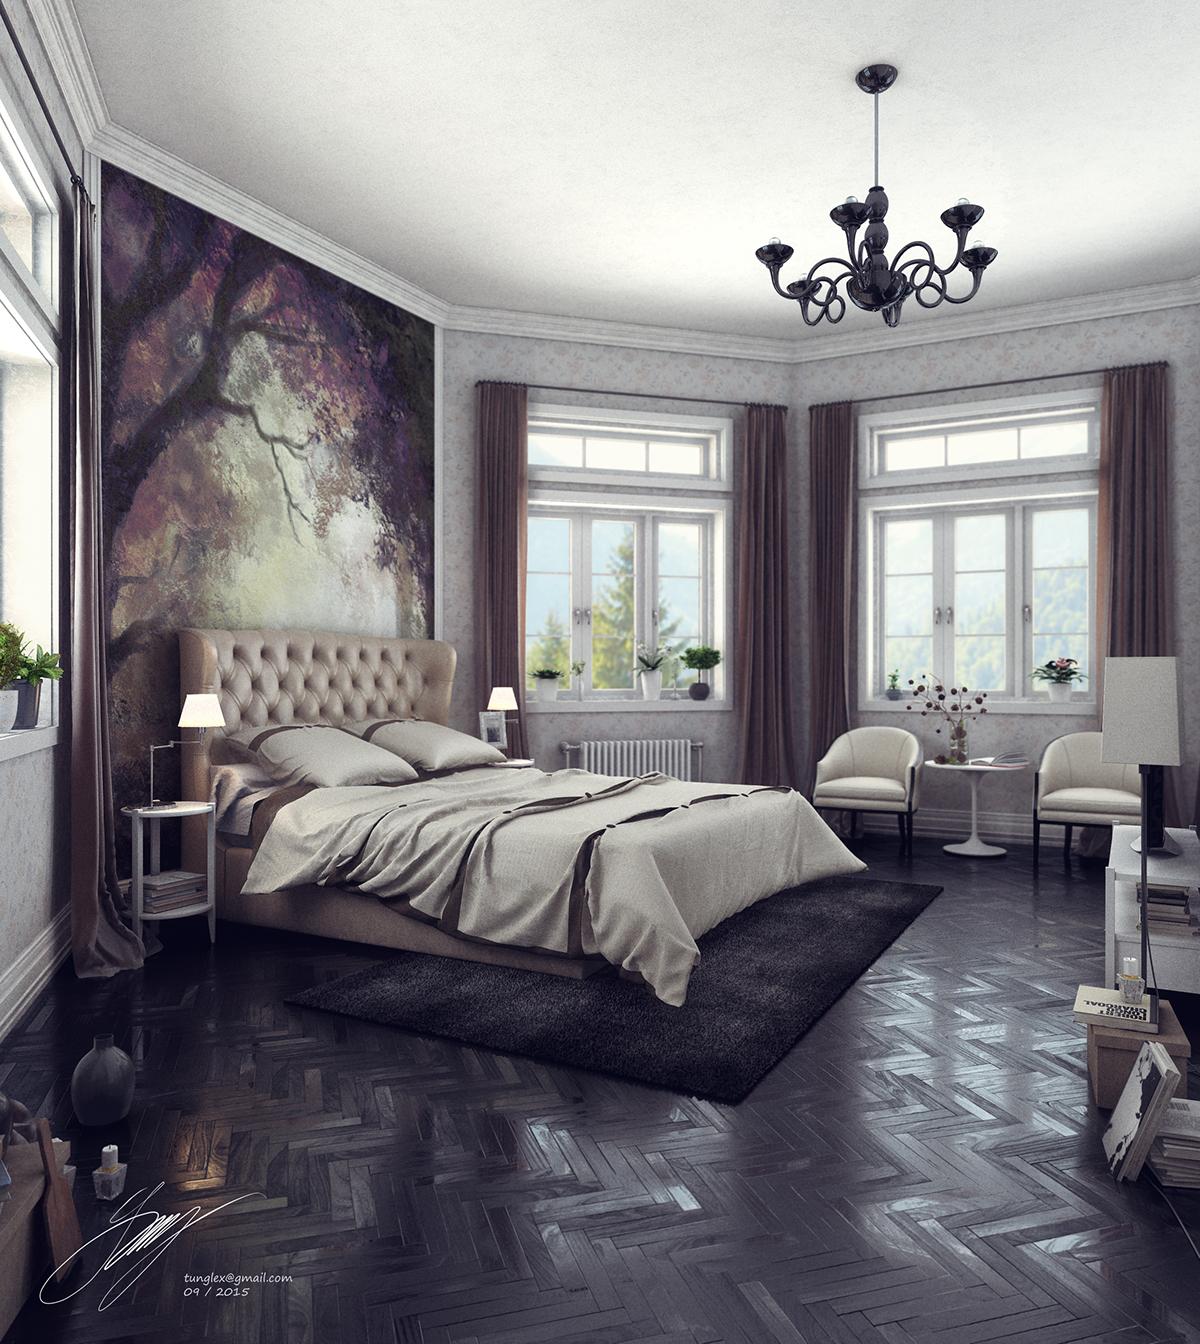 black floor black brown Black Wood wall art Wall draw modern Classic bedroom furniture Tunglex Render vray